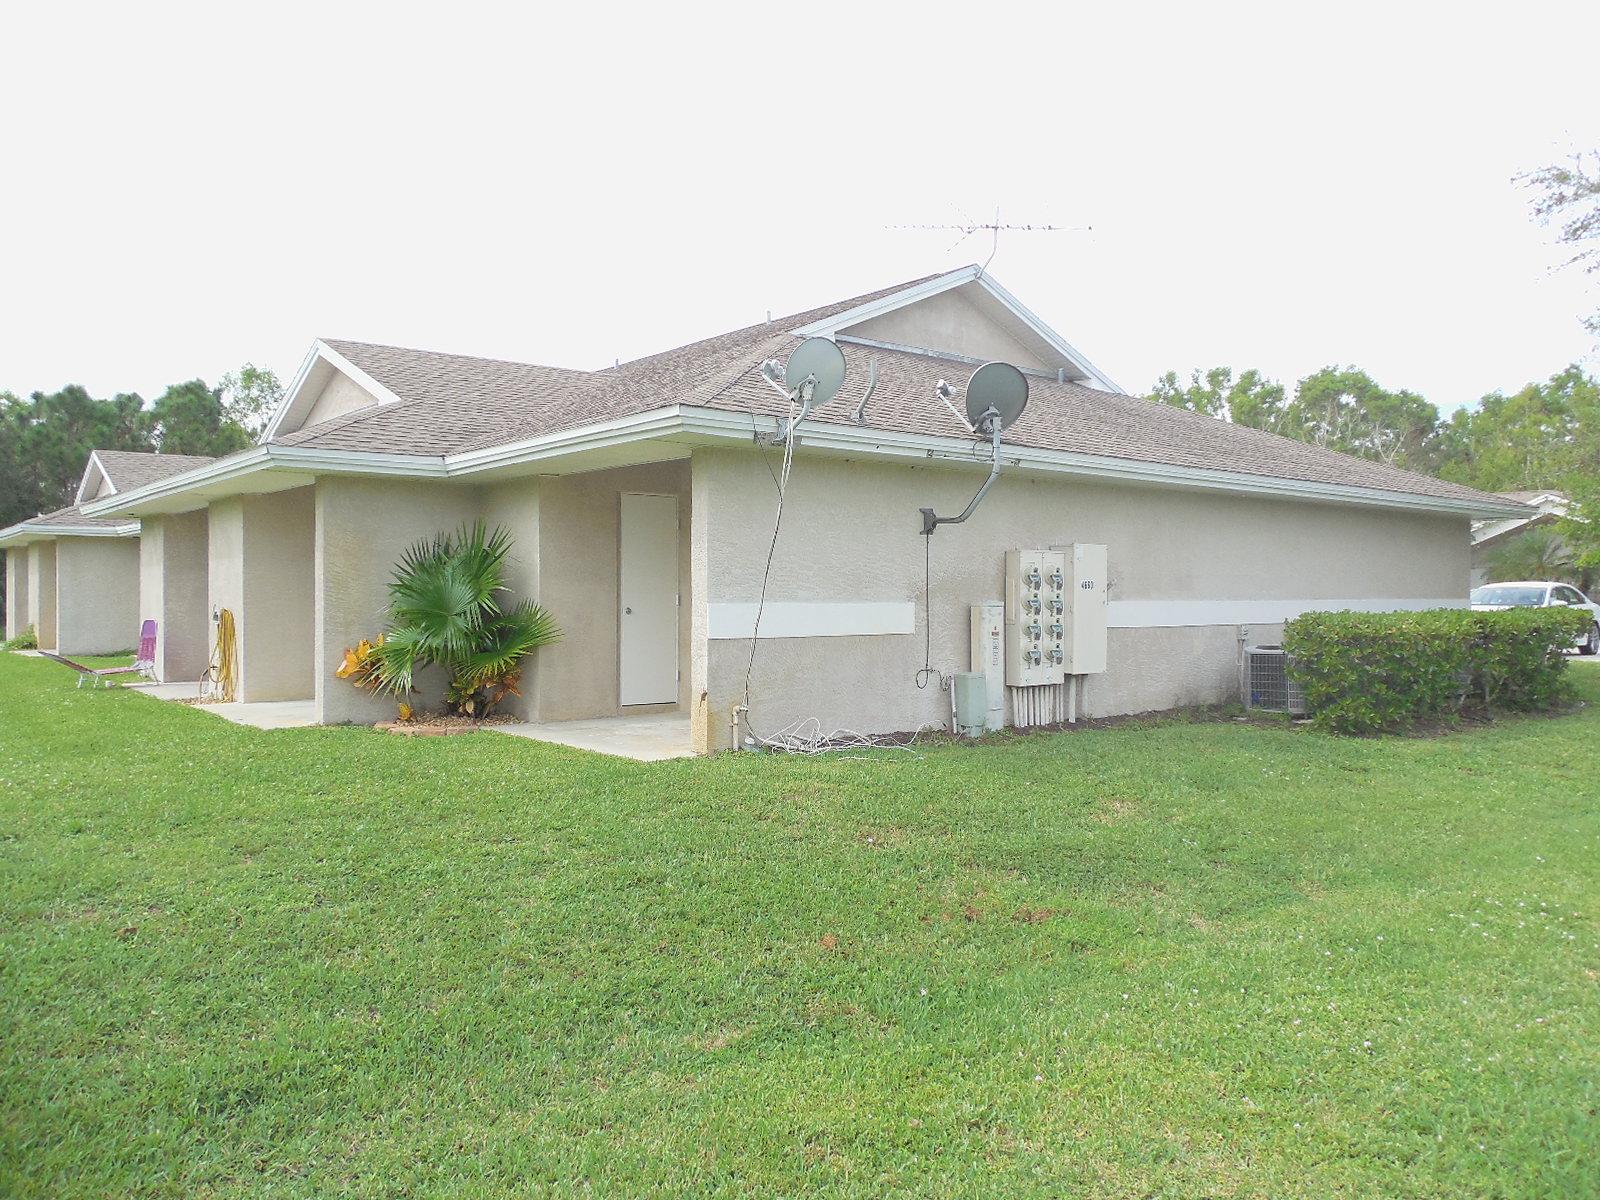 Costa Mesa, CA Multi-Family Homes for Sale & Real Estate ...